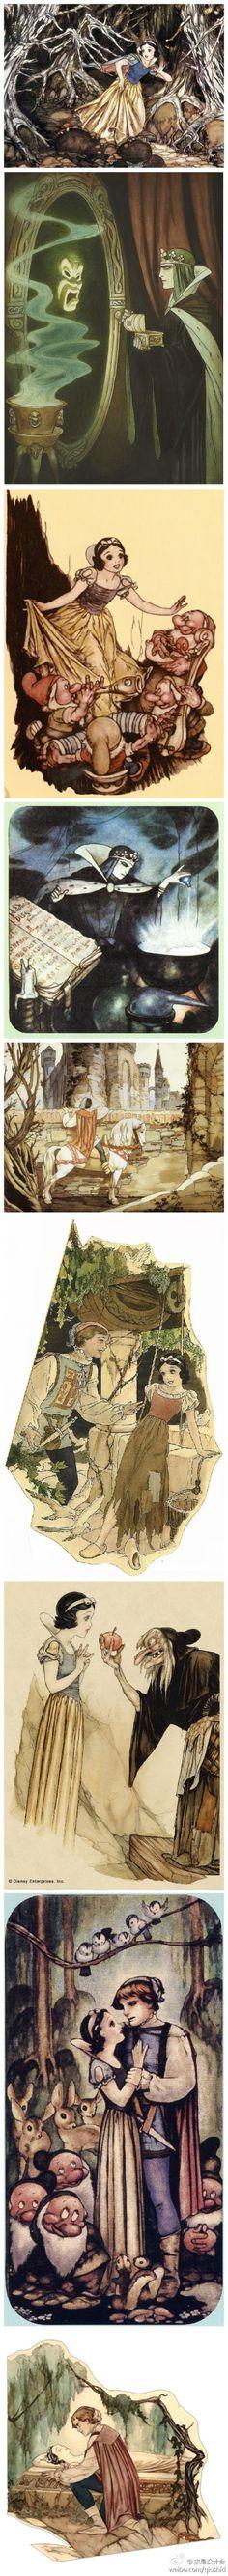 Gustav Tenggren's beautiful Snow White development art